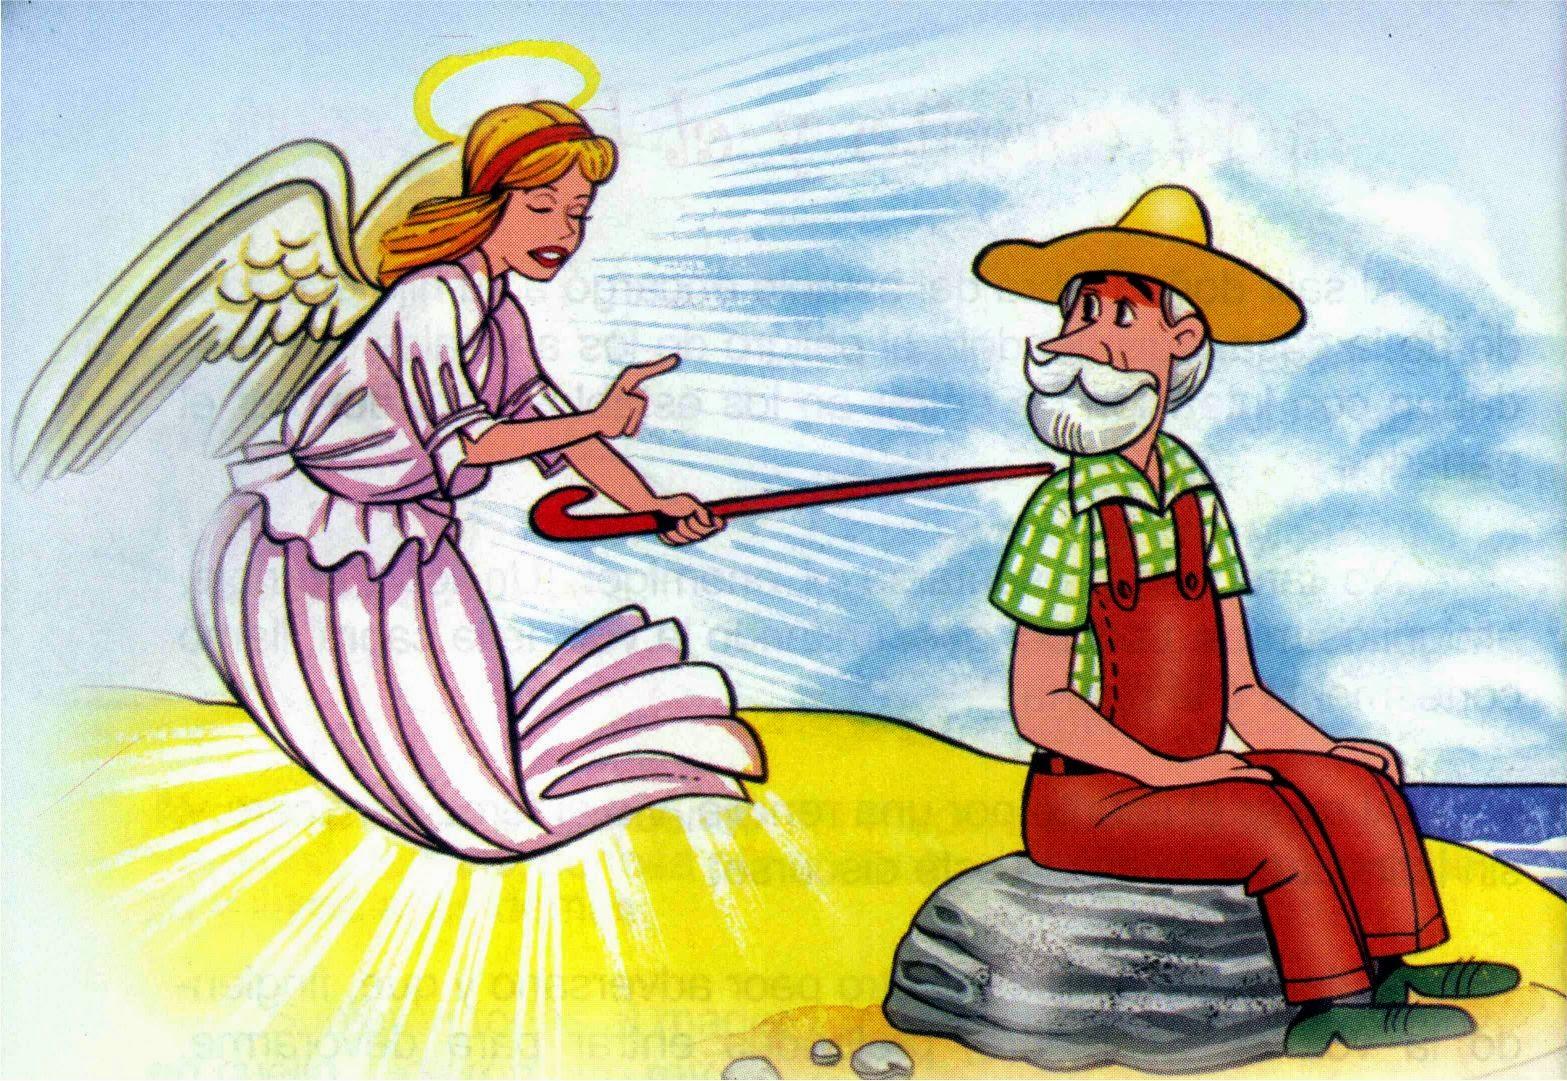 Fabula de Esopo para niños el hombre y la hormiga con valores y enseñanza